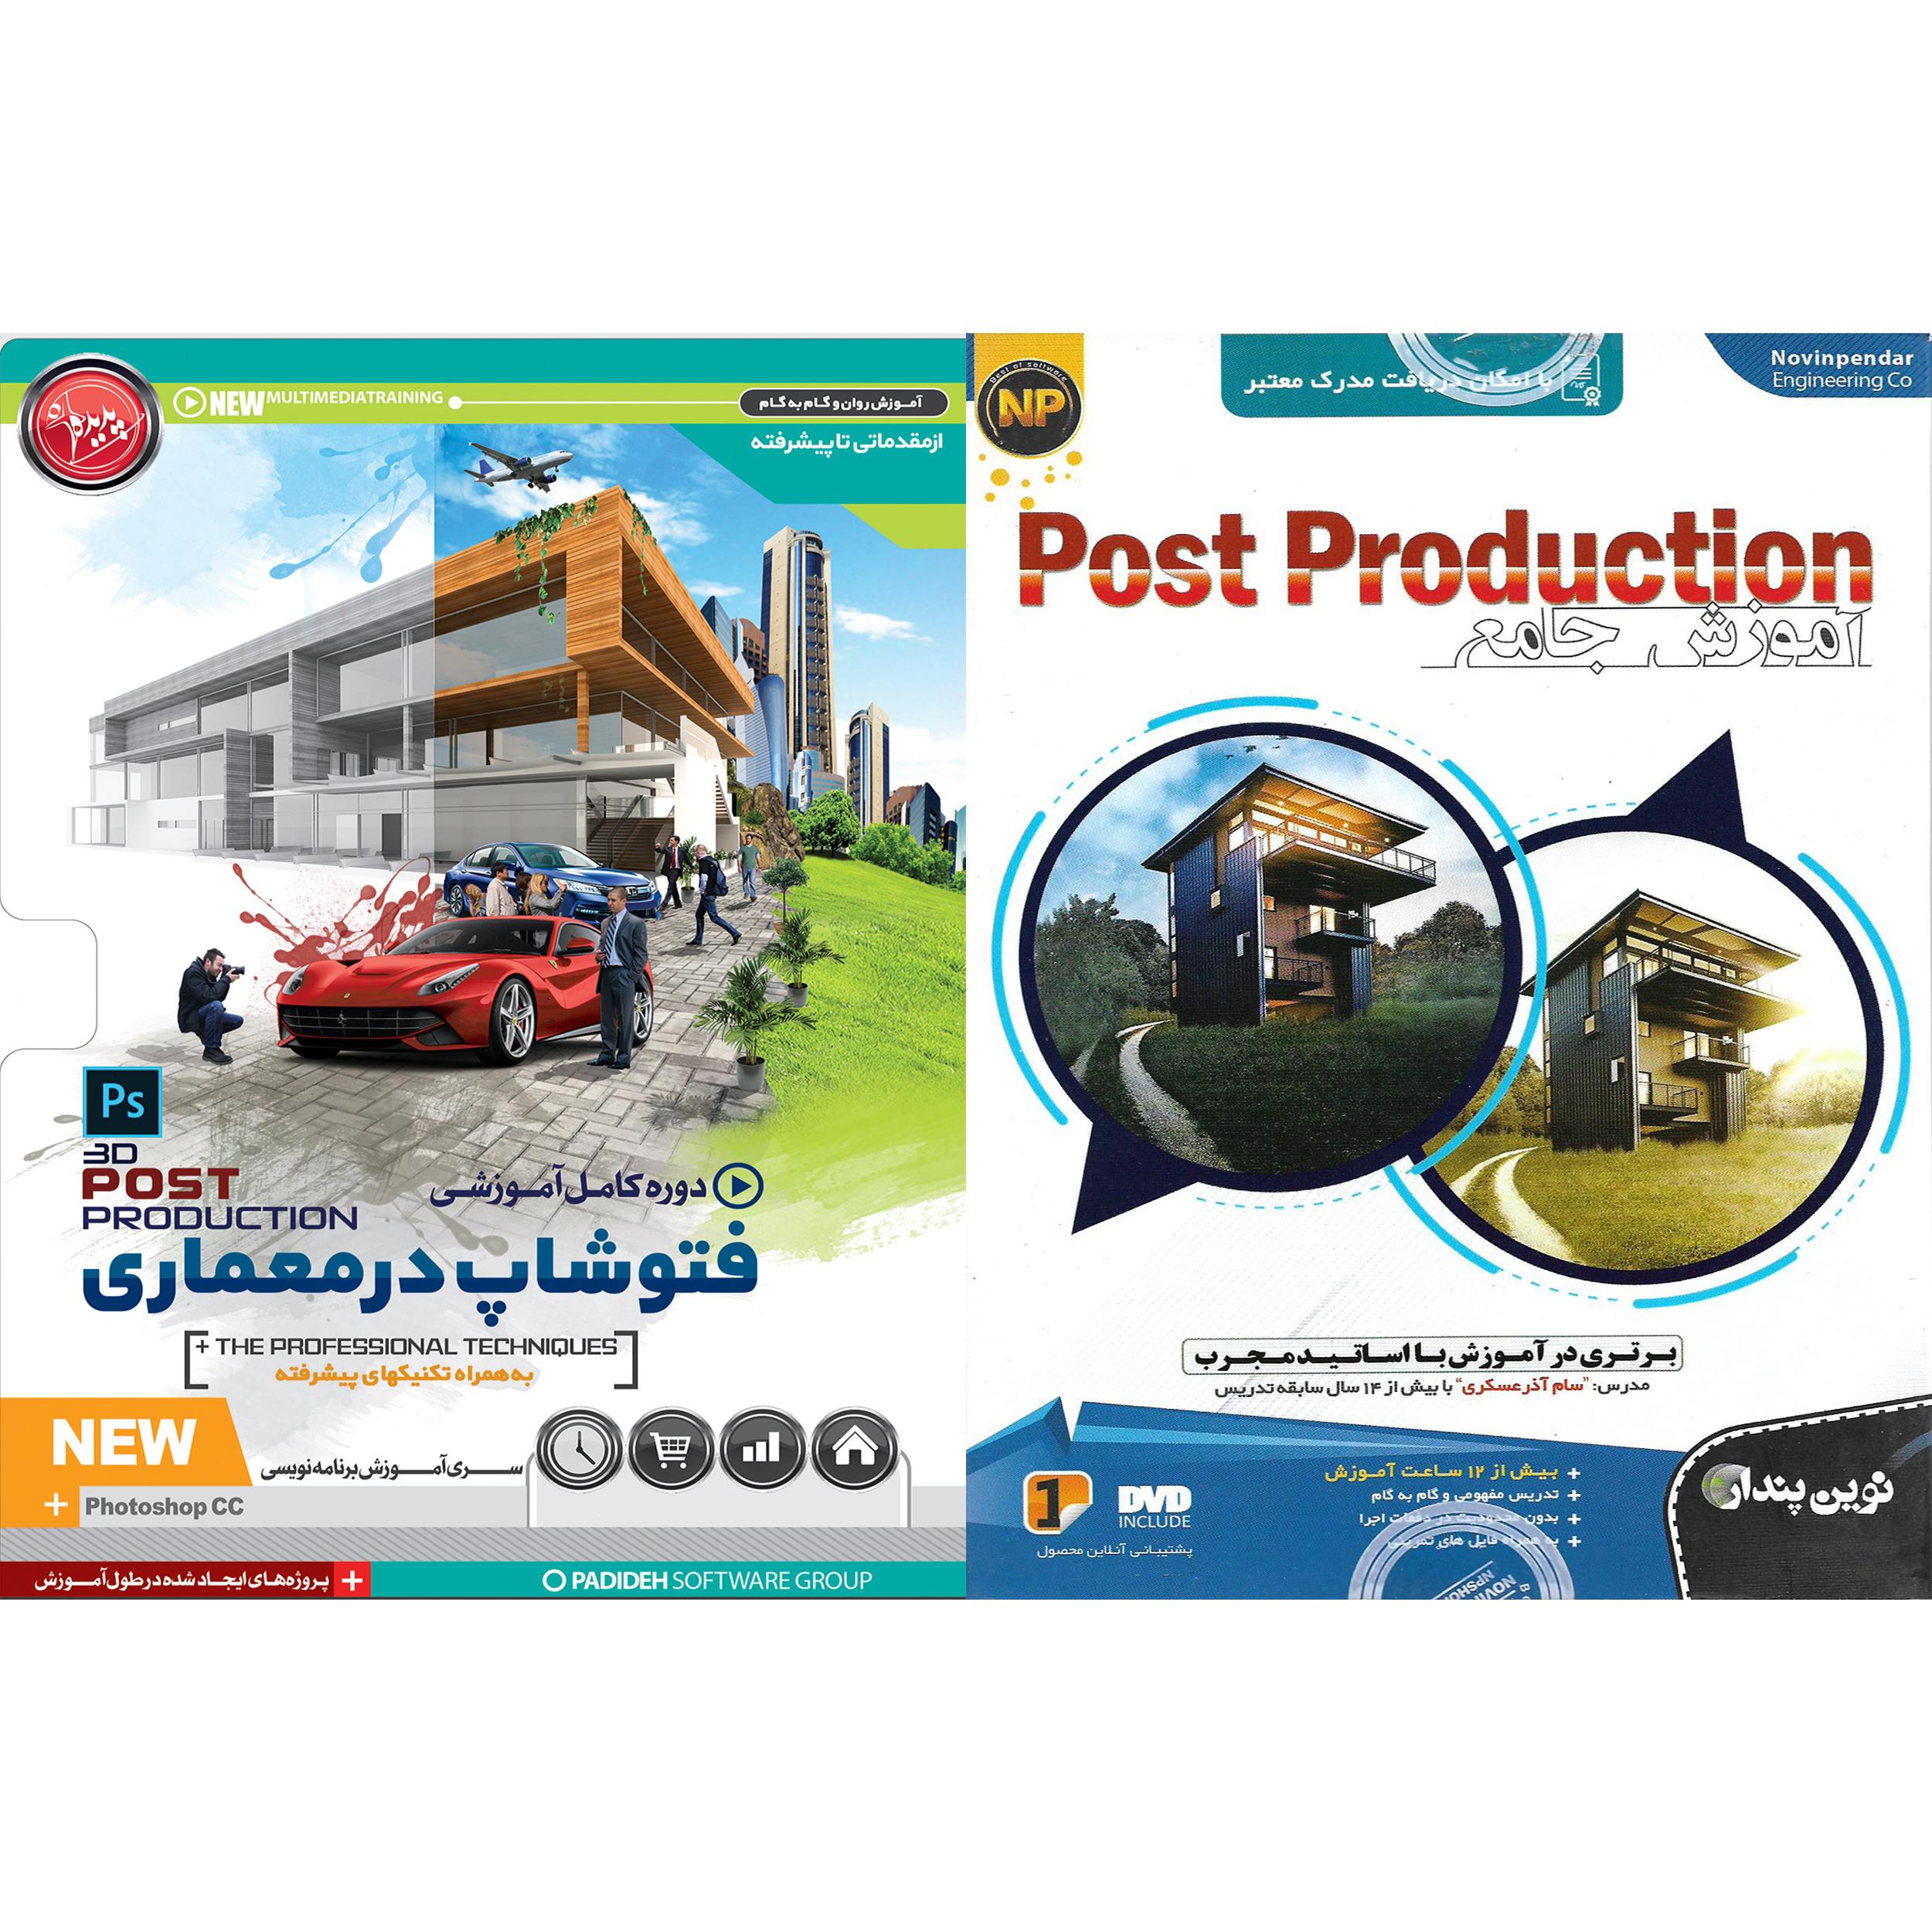 نرم افزار آموزش post production نشر نوین پندار به همراه نرم افزار آموزش فتوشاپ در معماری نشر پدیده